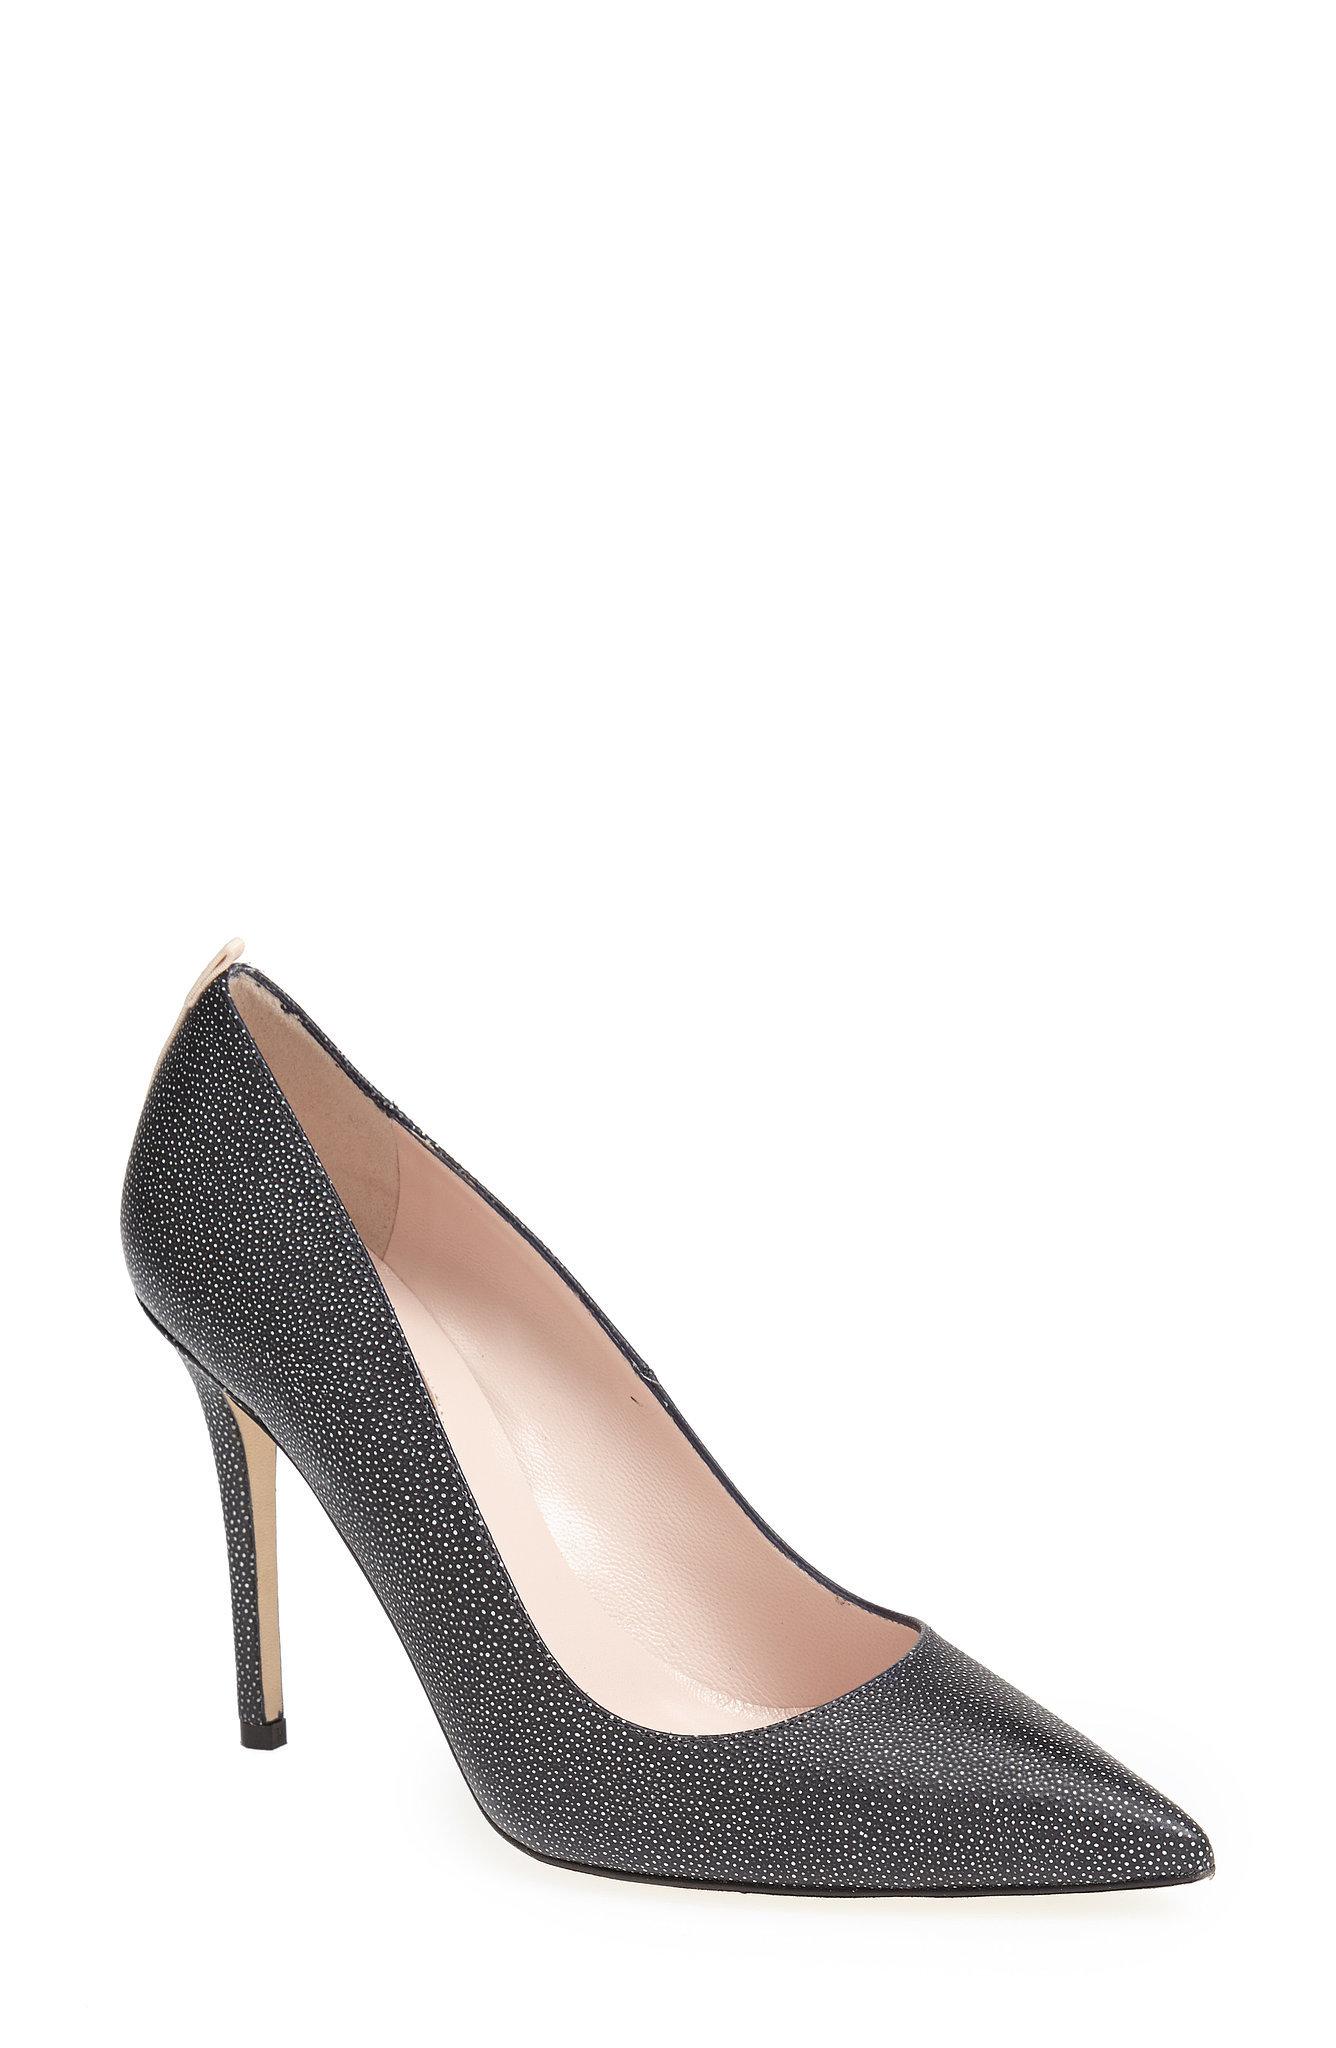 Fawn in Black, $350